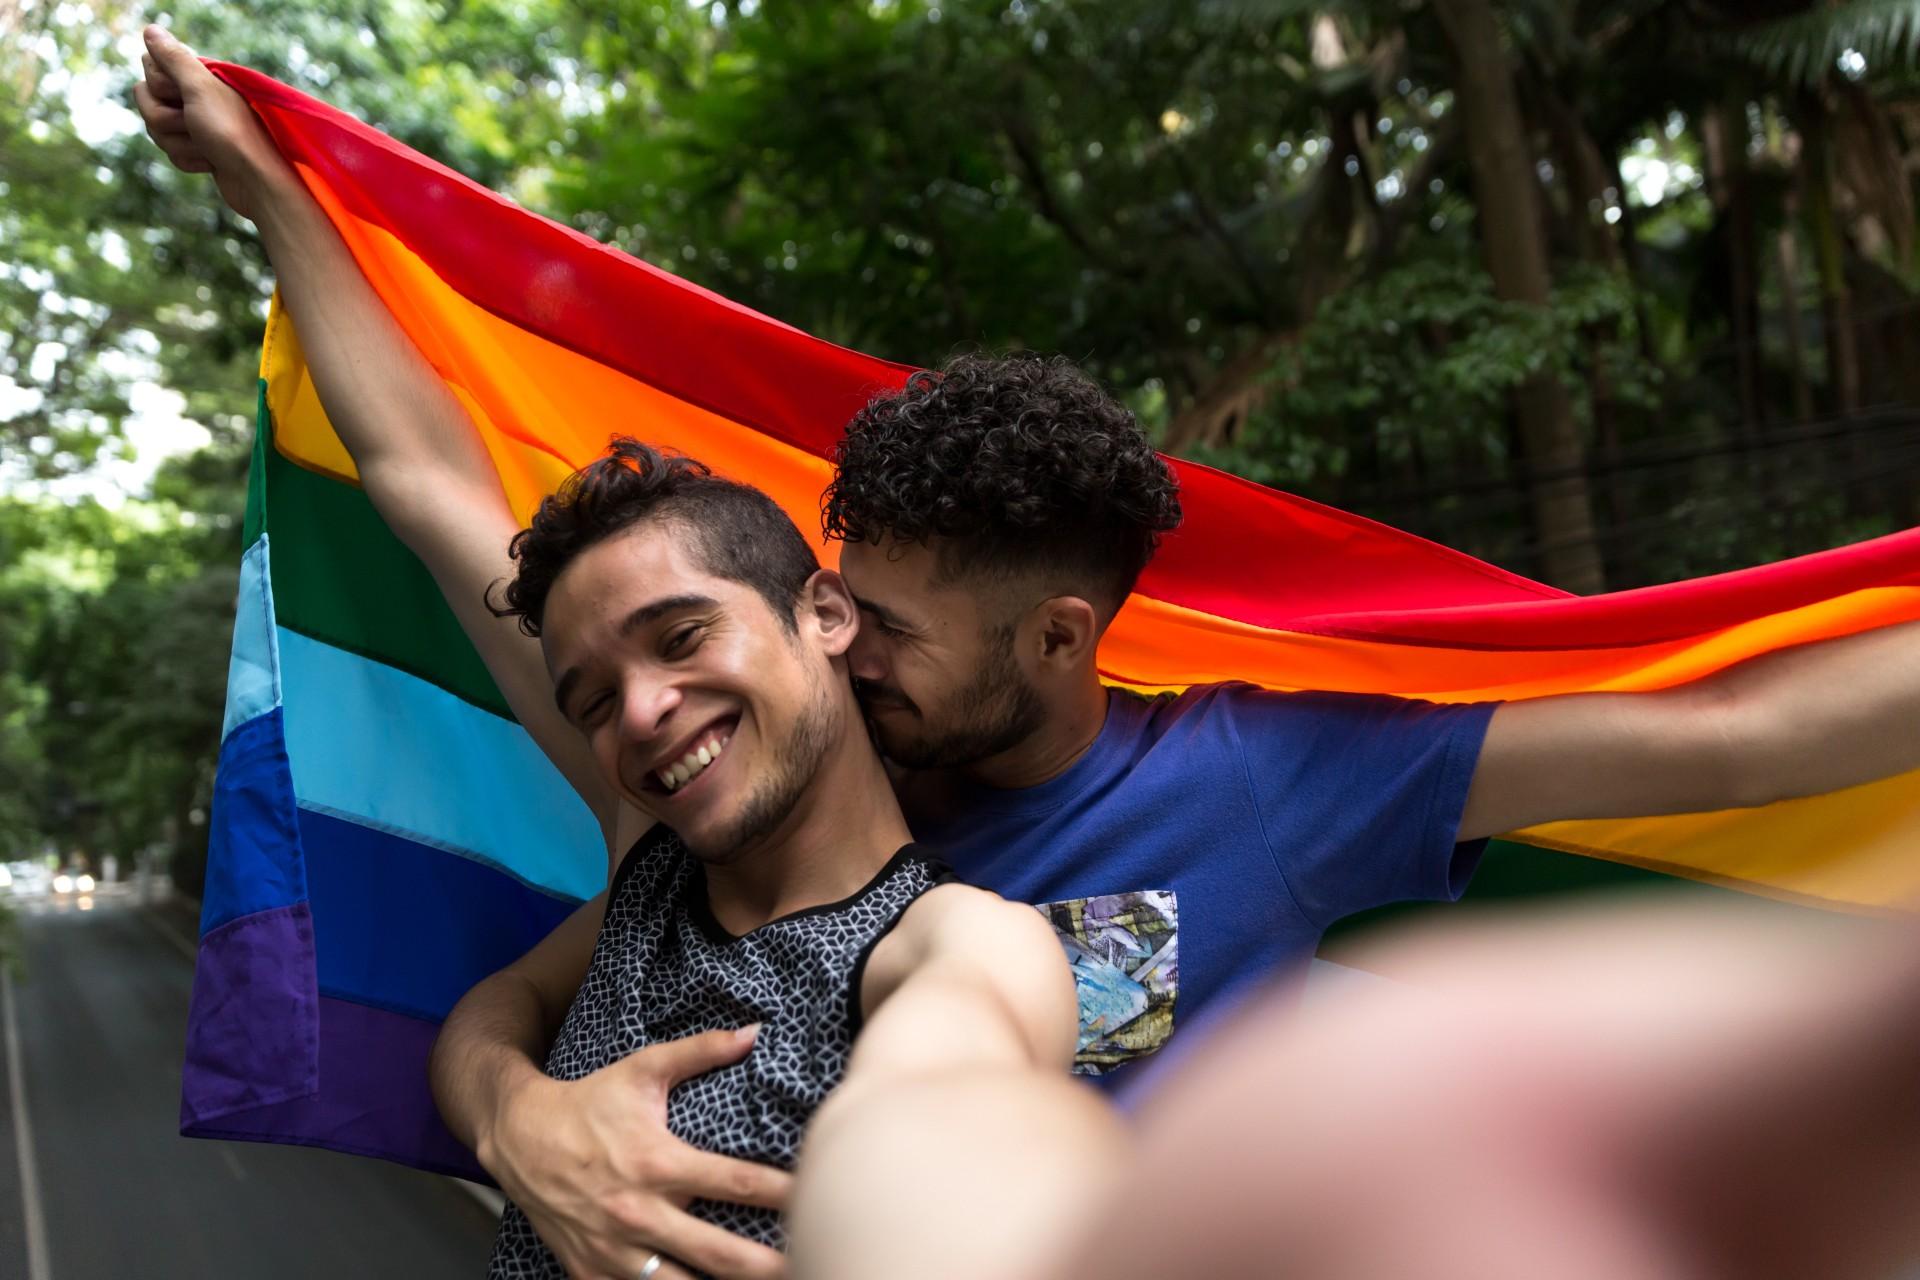 W Nowej Zelandii media nie zajmują się tematem osób LGBT, tam każdy czuje się akceptowany, temat więc nie istnieje (fot: Shutterstock.com)